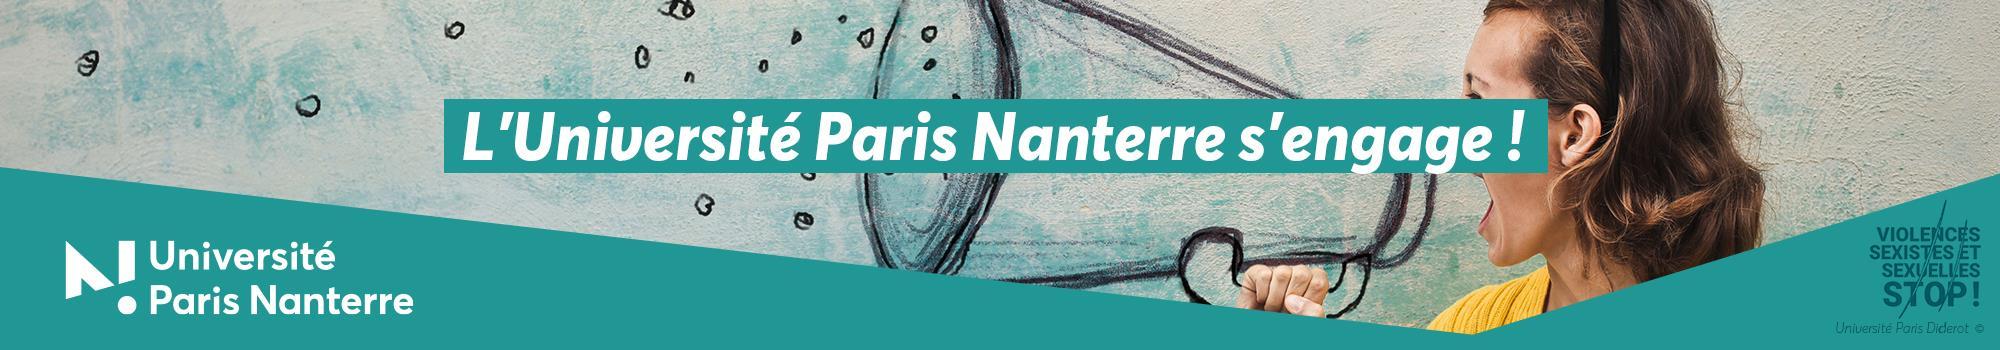 L'université Paris Nanterre s'engage - Fondation des Femmes